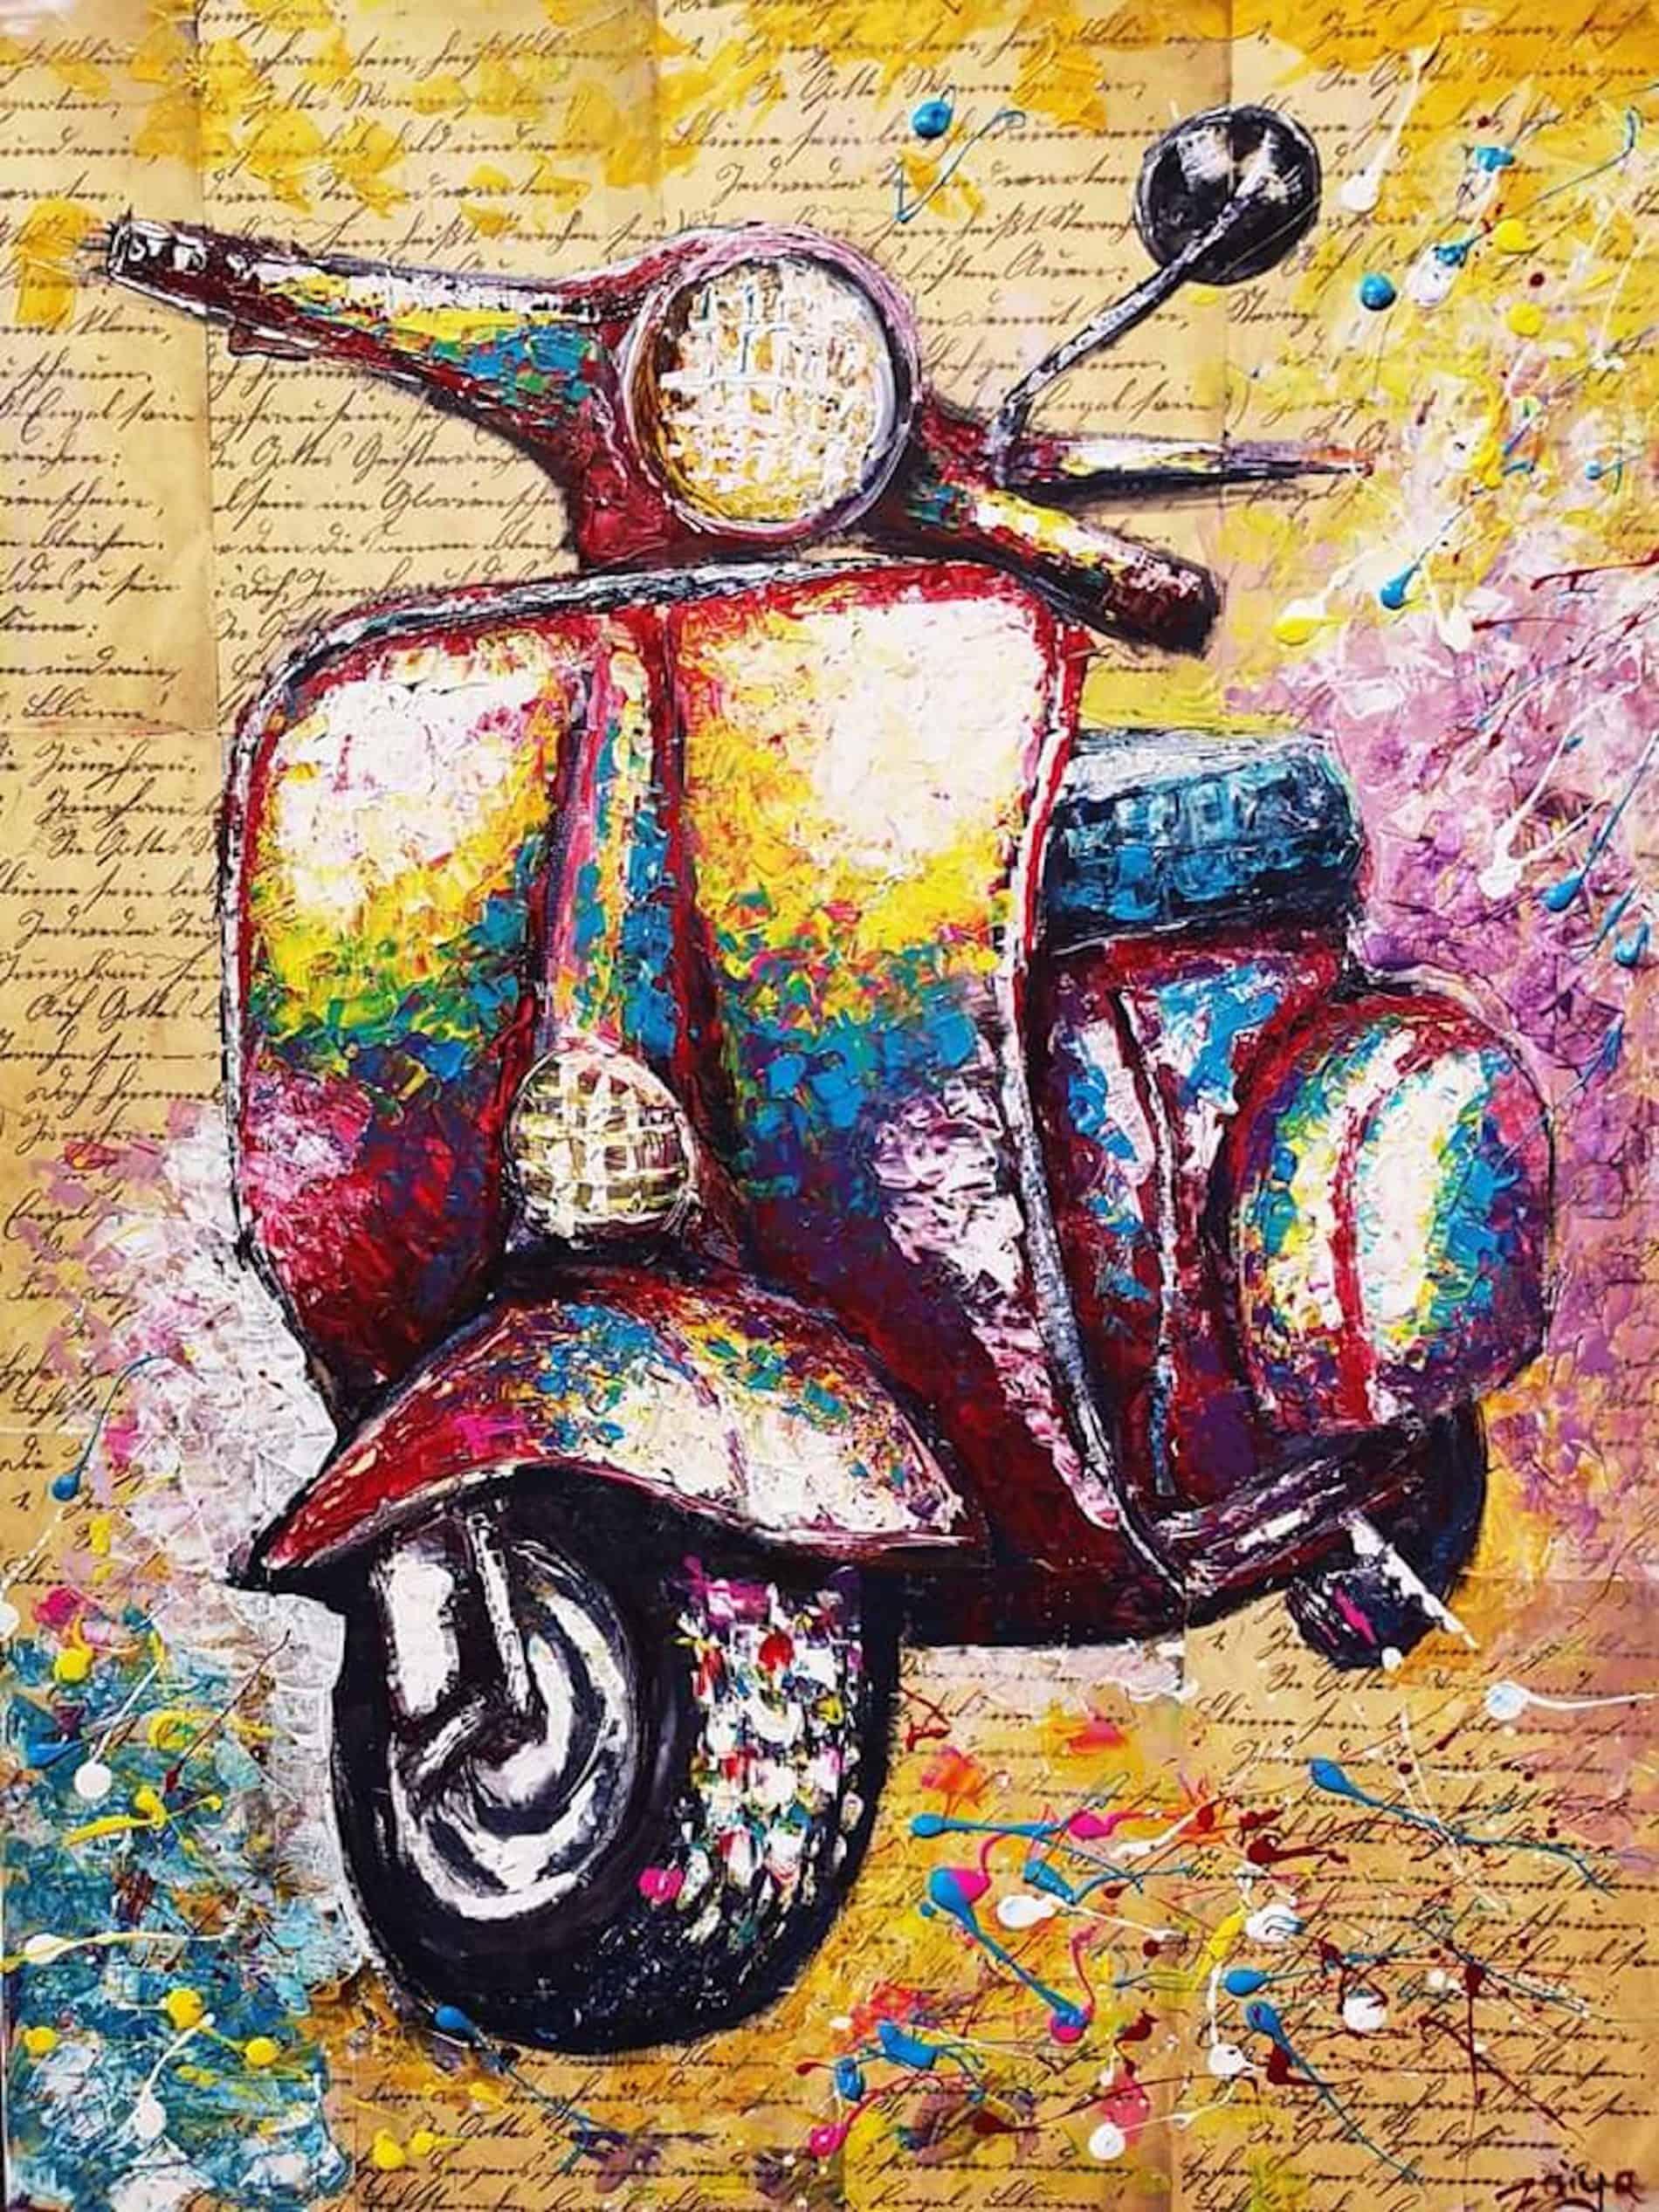 mauritius-arts-zaiya -torabally-scooter